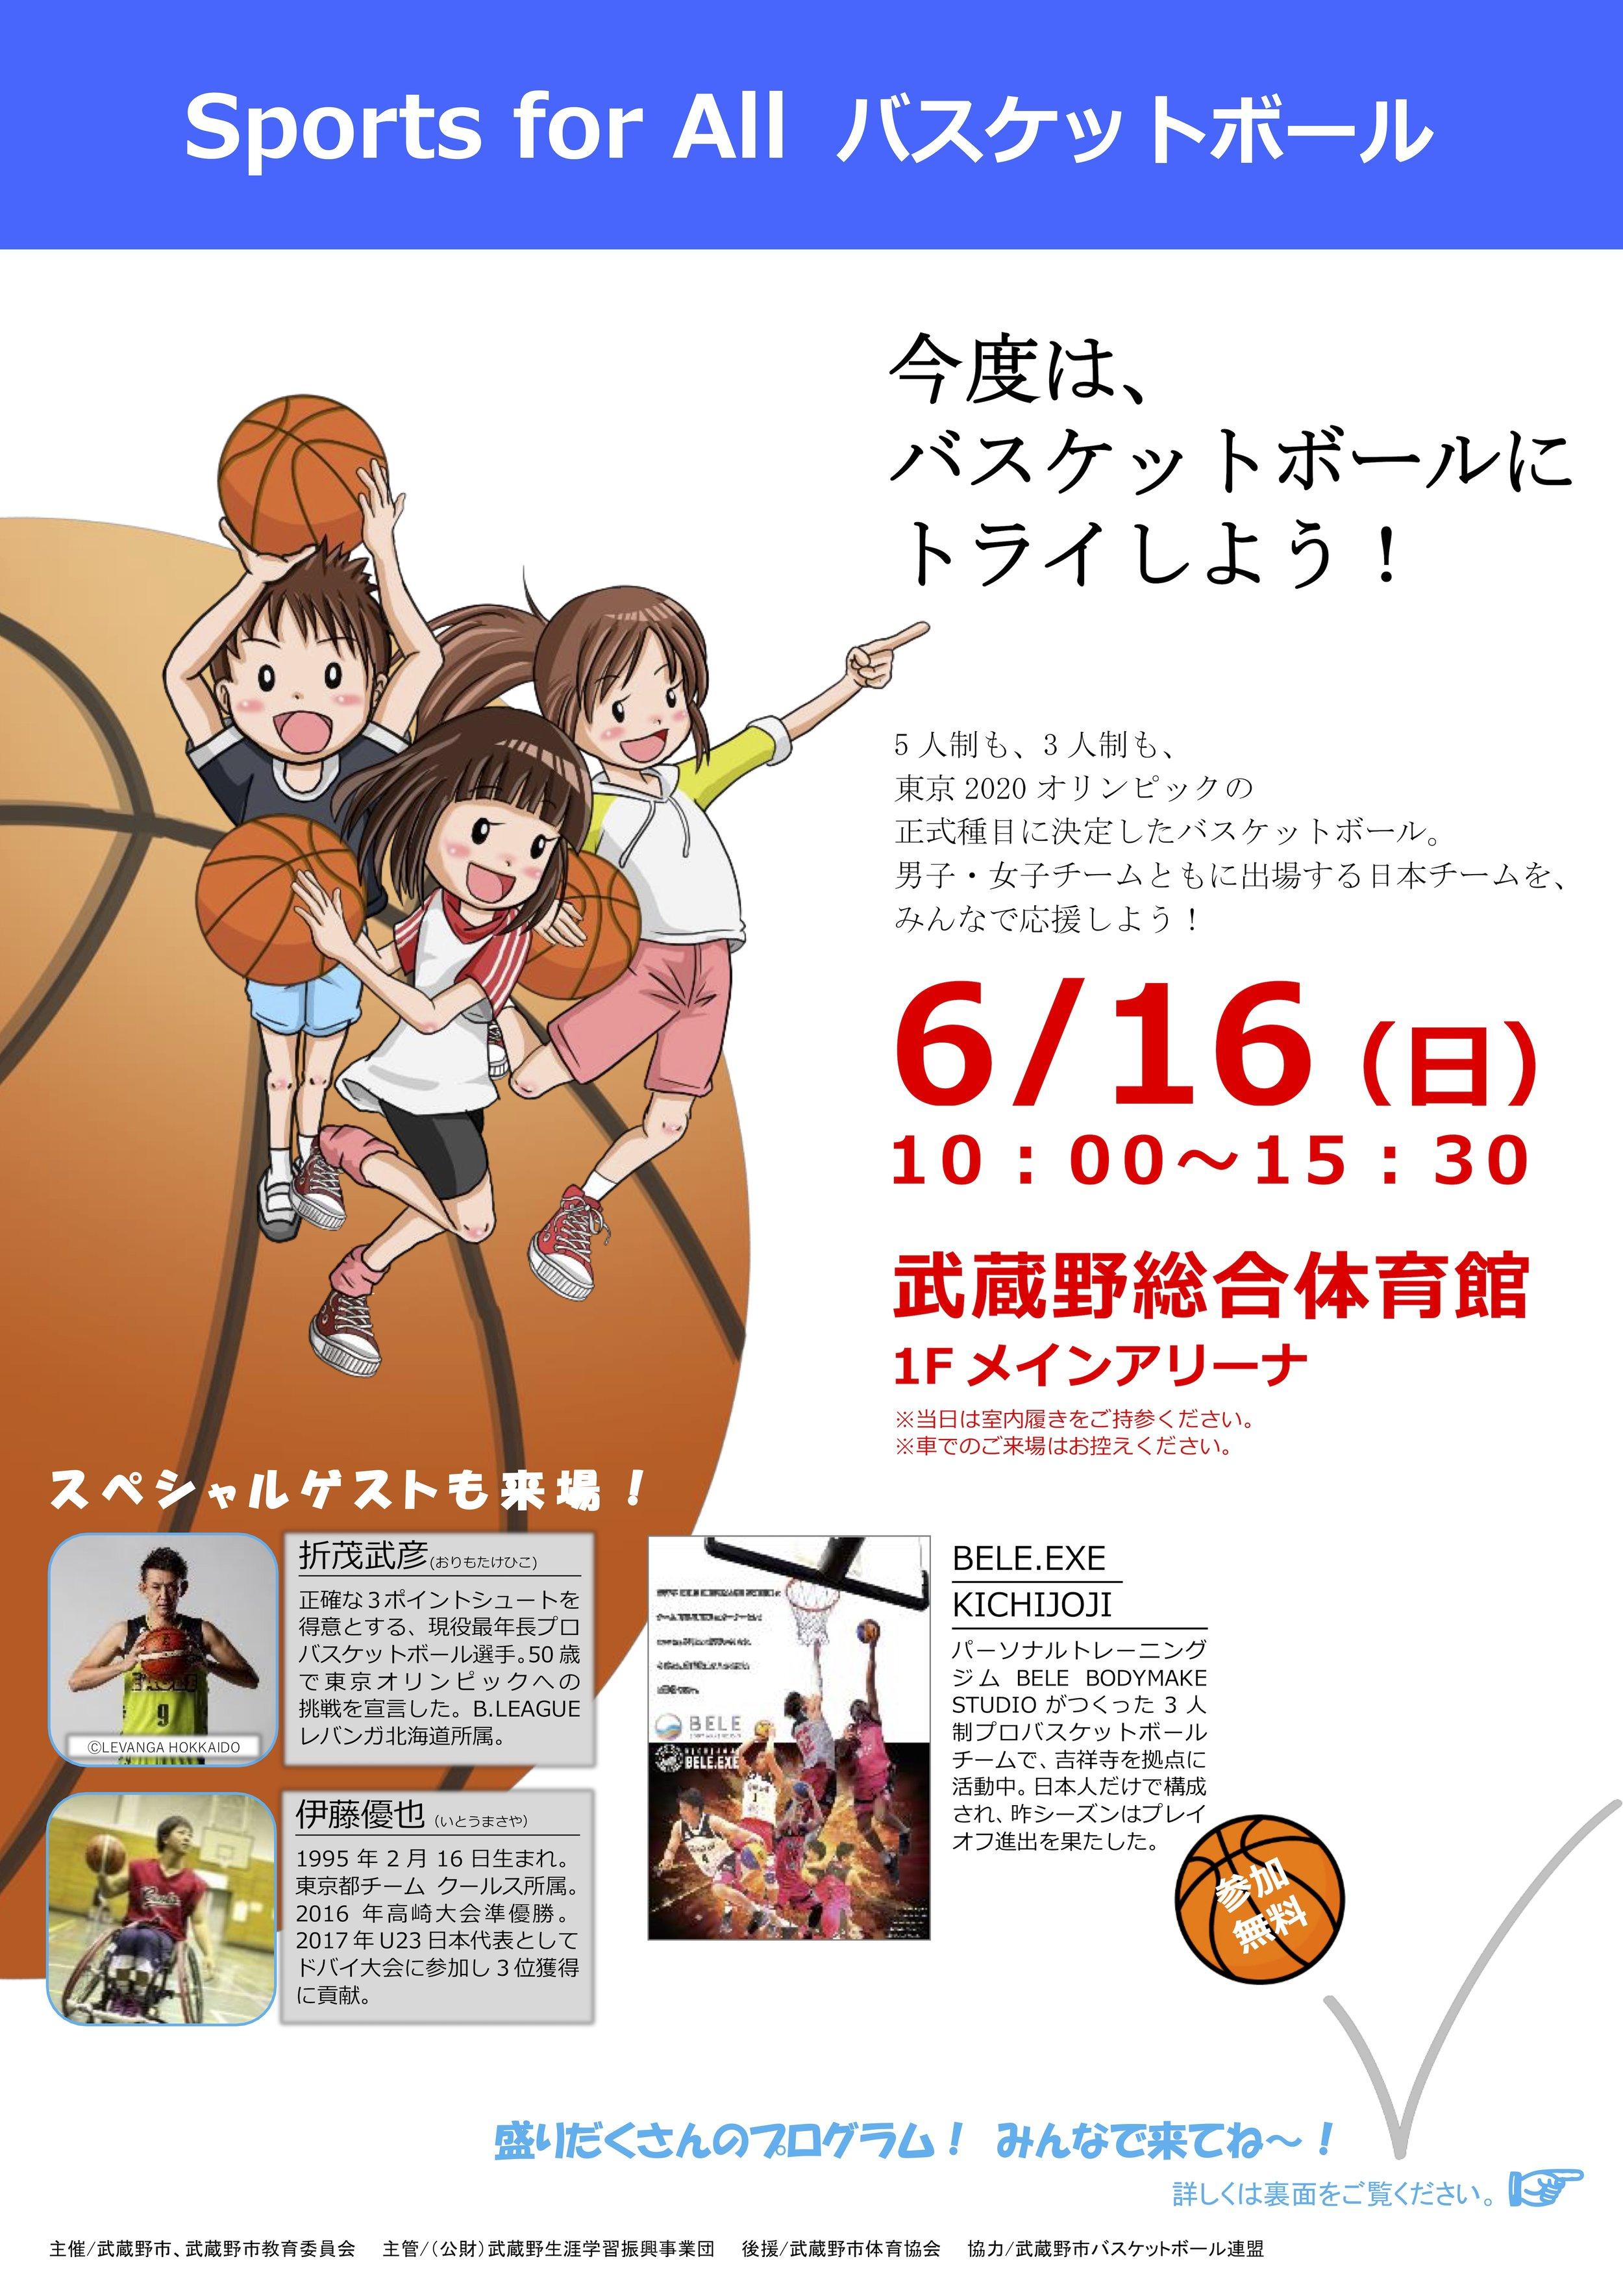 バスケットボール チラシ(裏・表)(ドラッグされました)のコピー.jpg